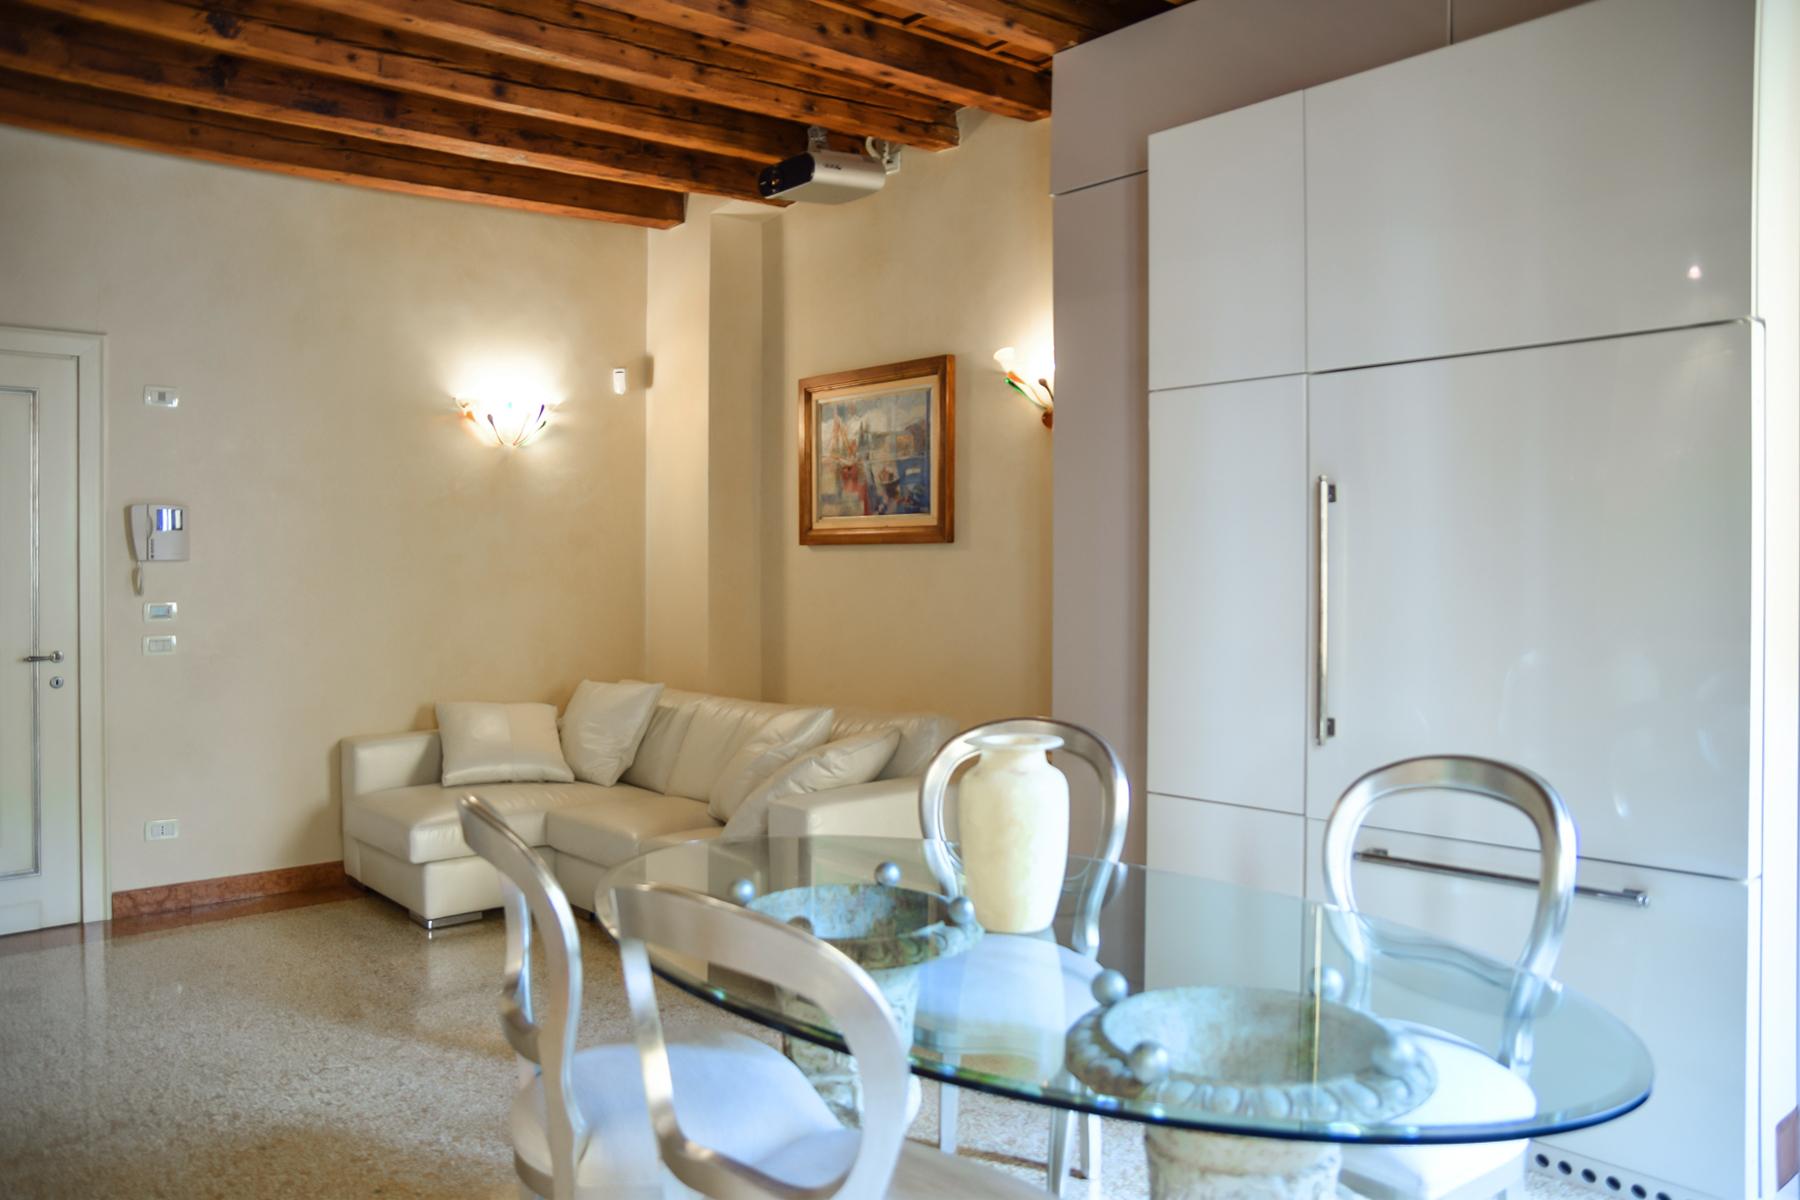 Appartamento in Vendita a Verona: 3 locali, 75 mq - Foto 6